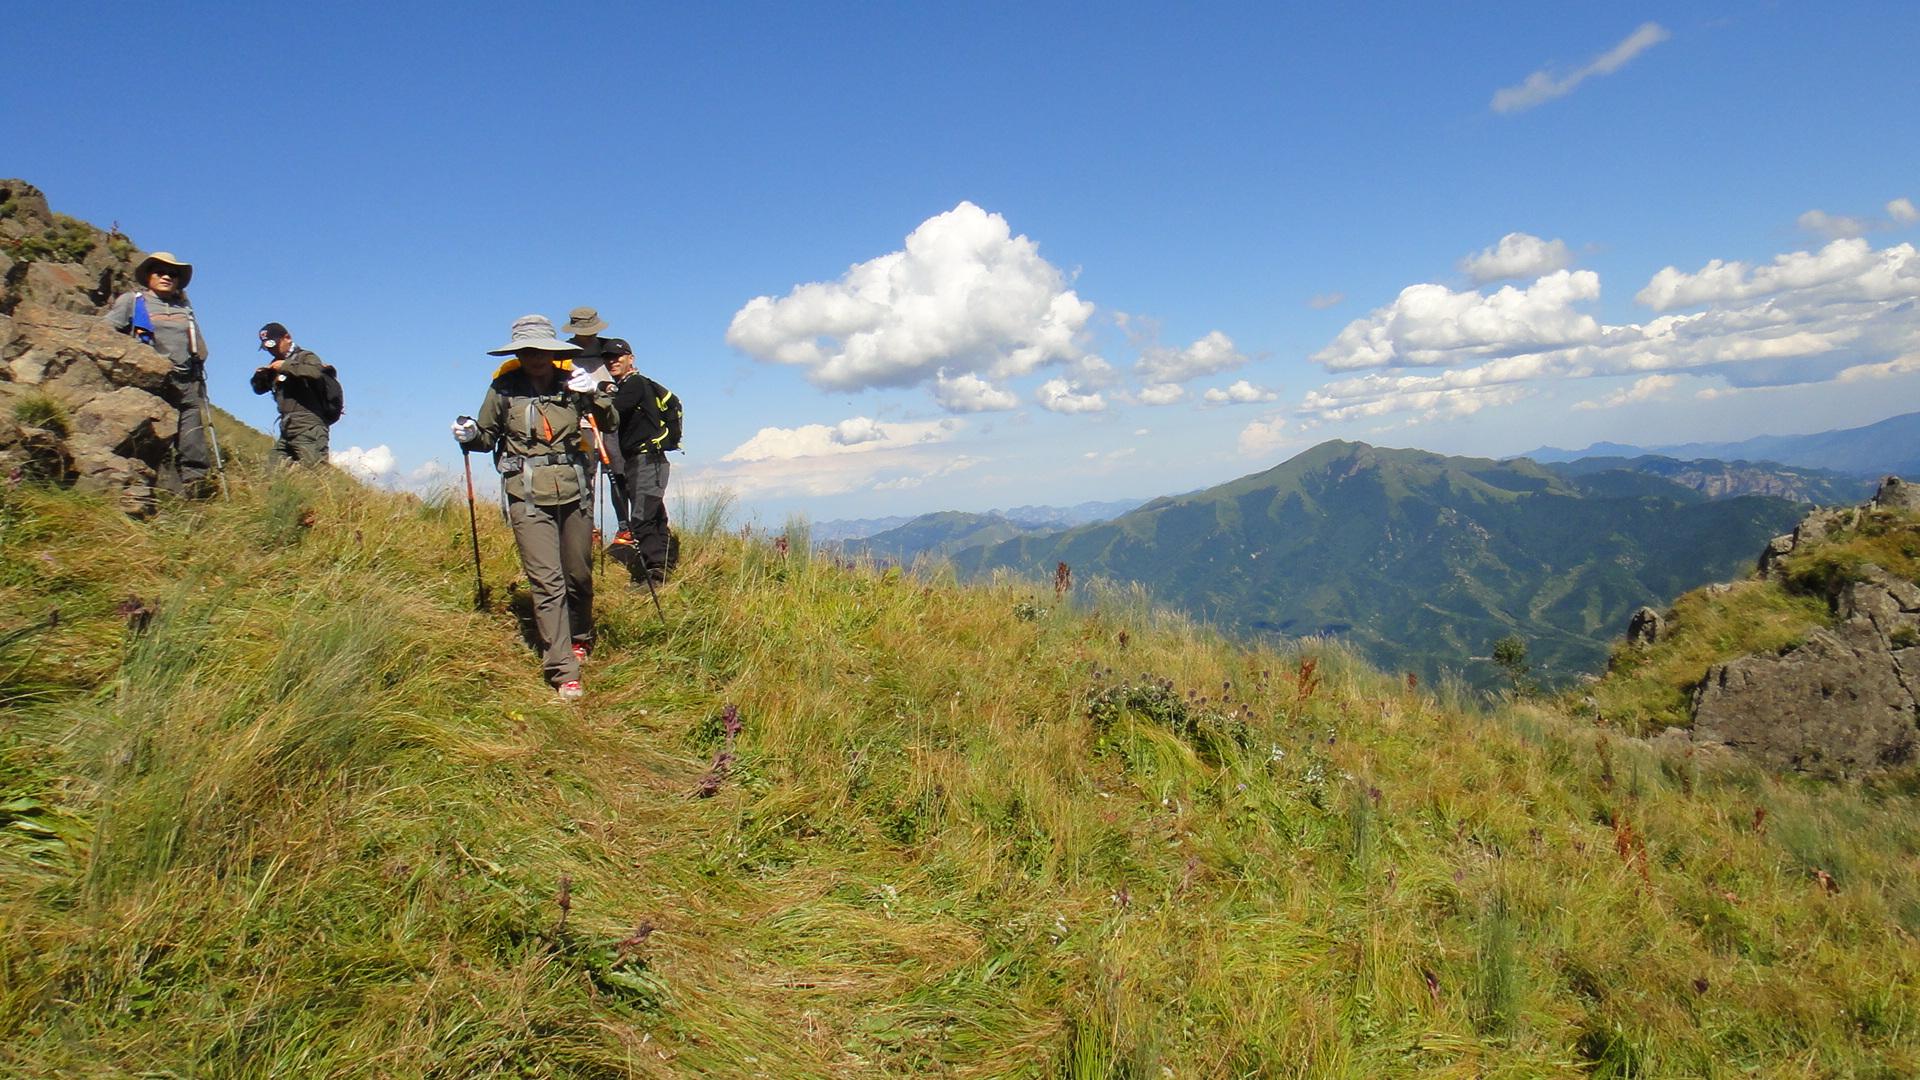 登山运动注意事项有哪些